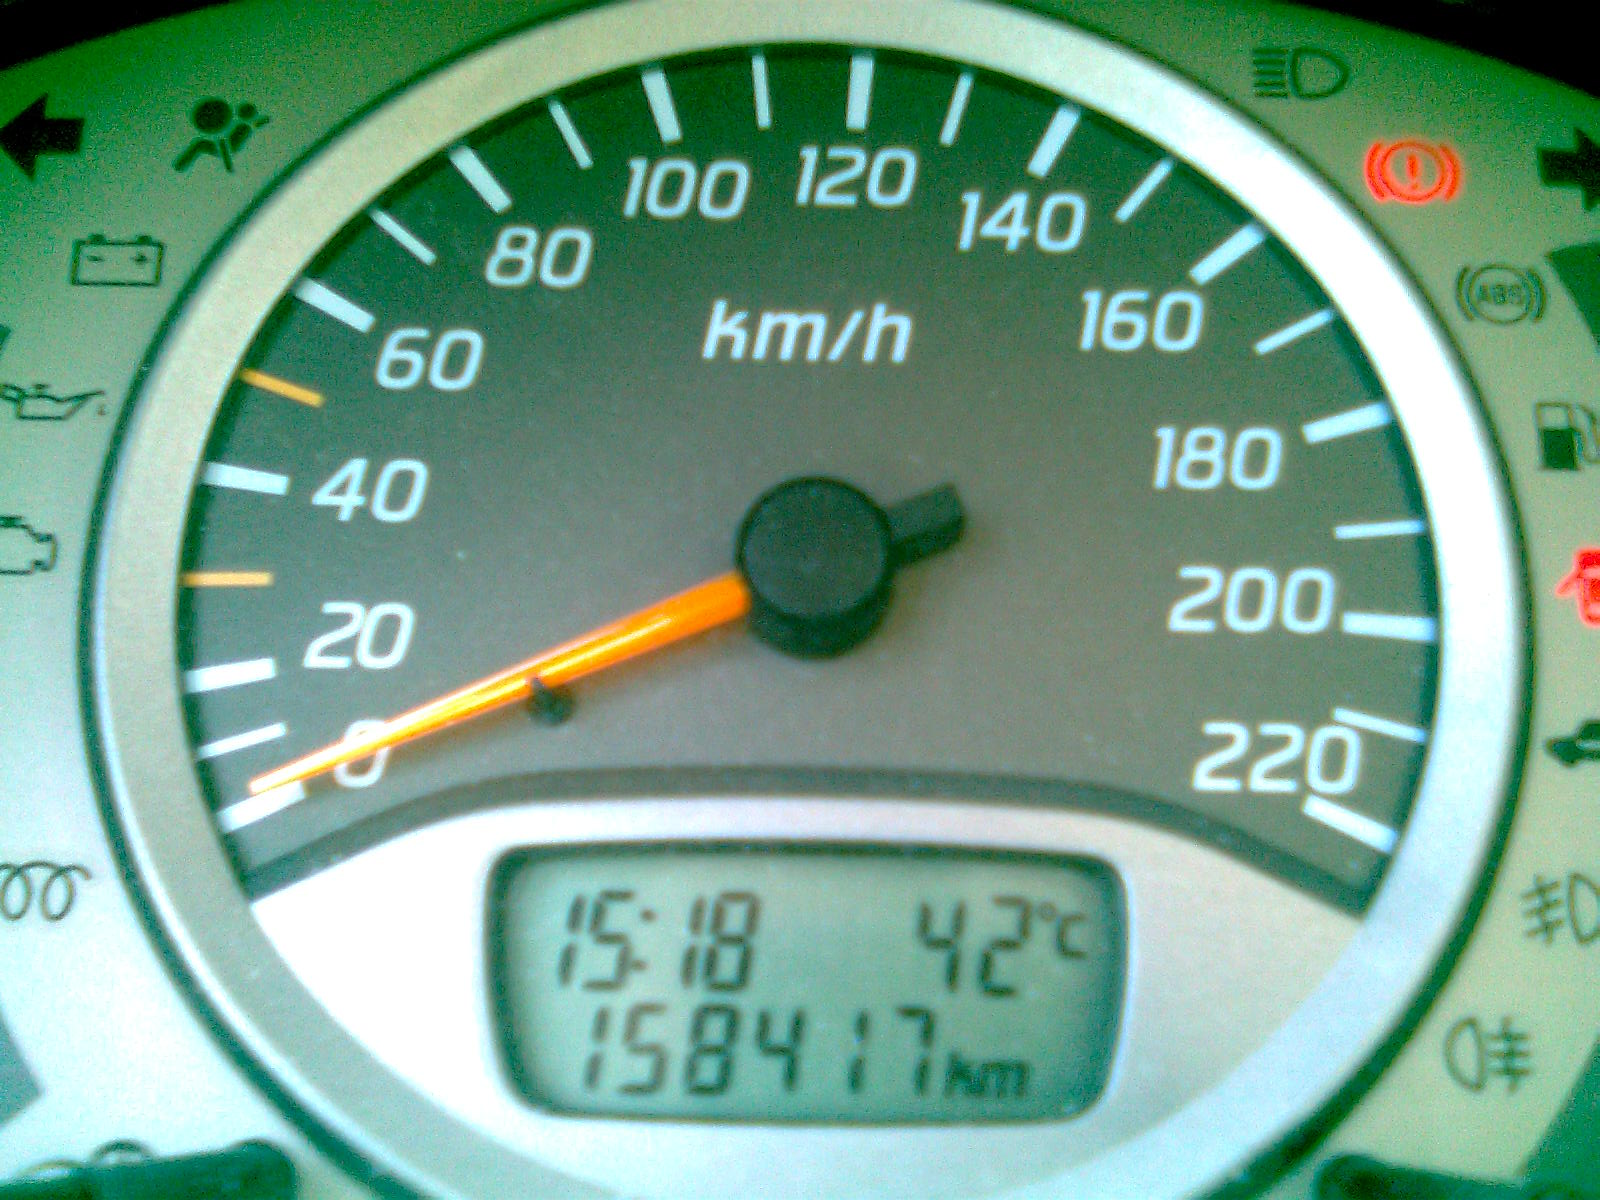 42 in celsius